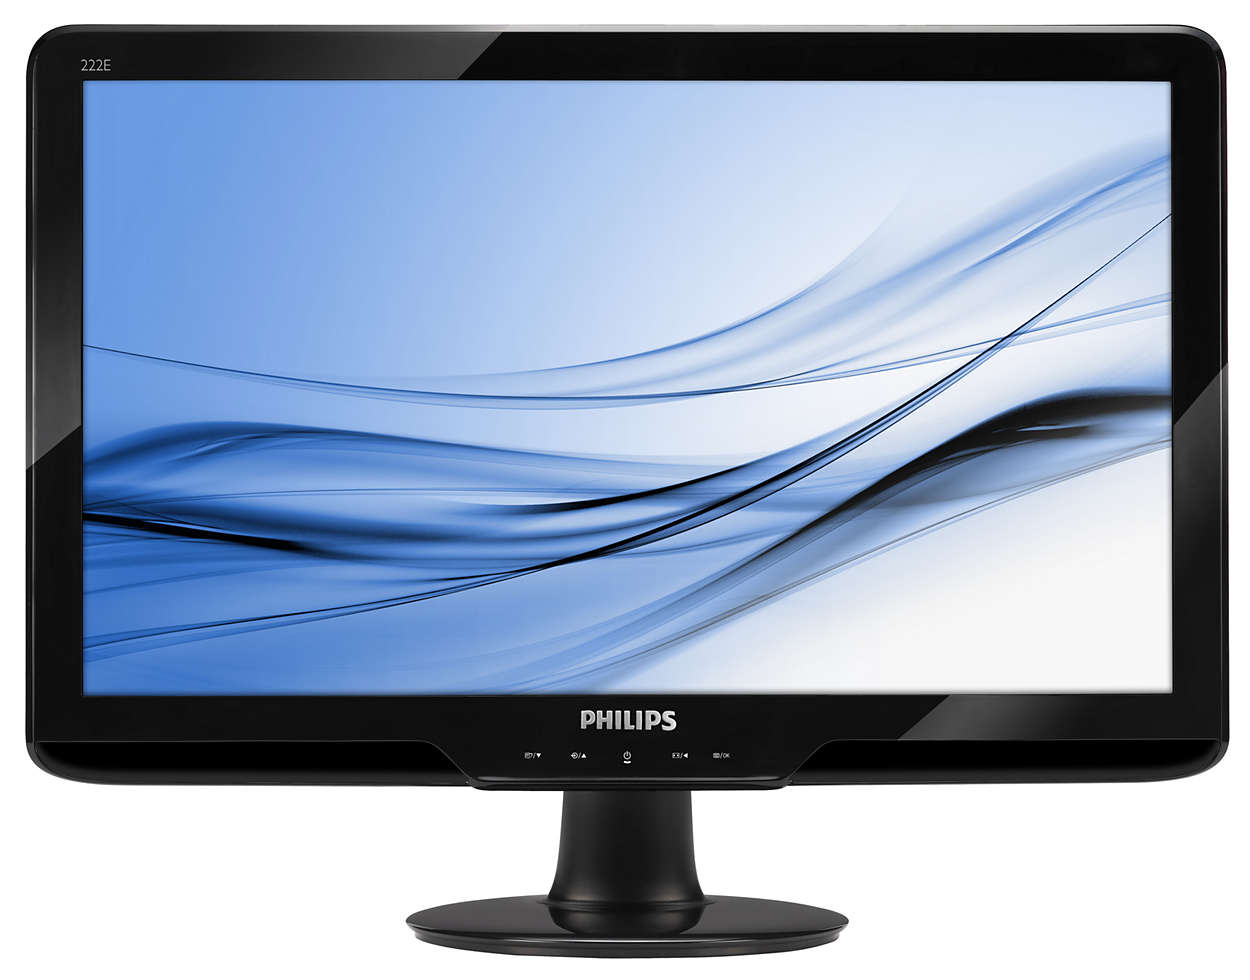 優雅 Full HD 顯示器展現非凡價值